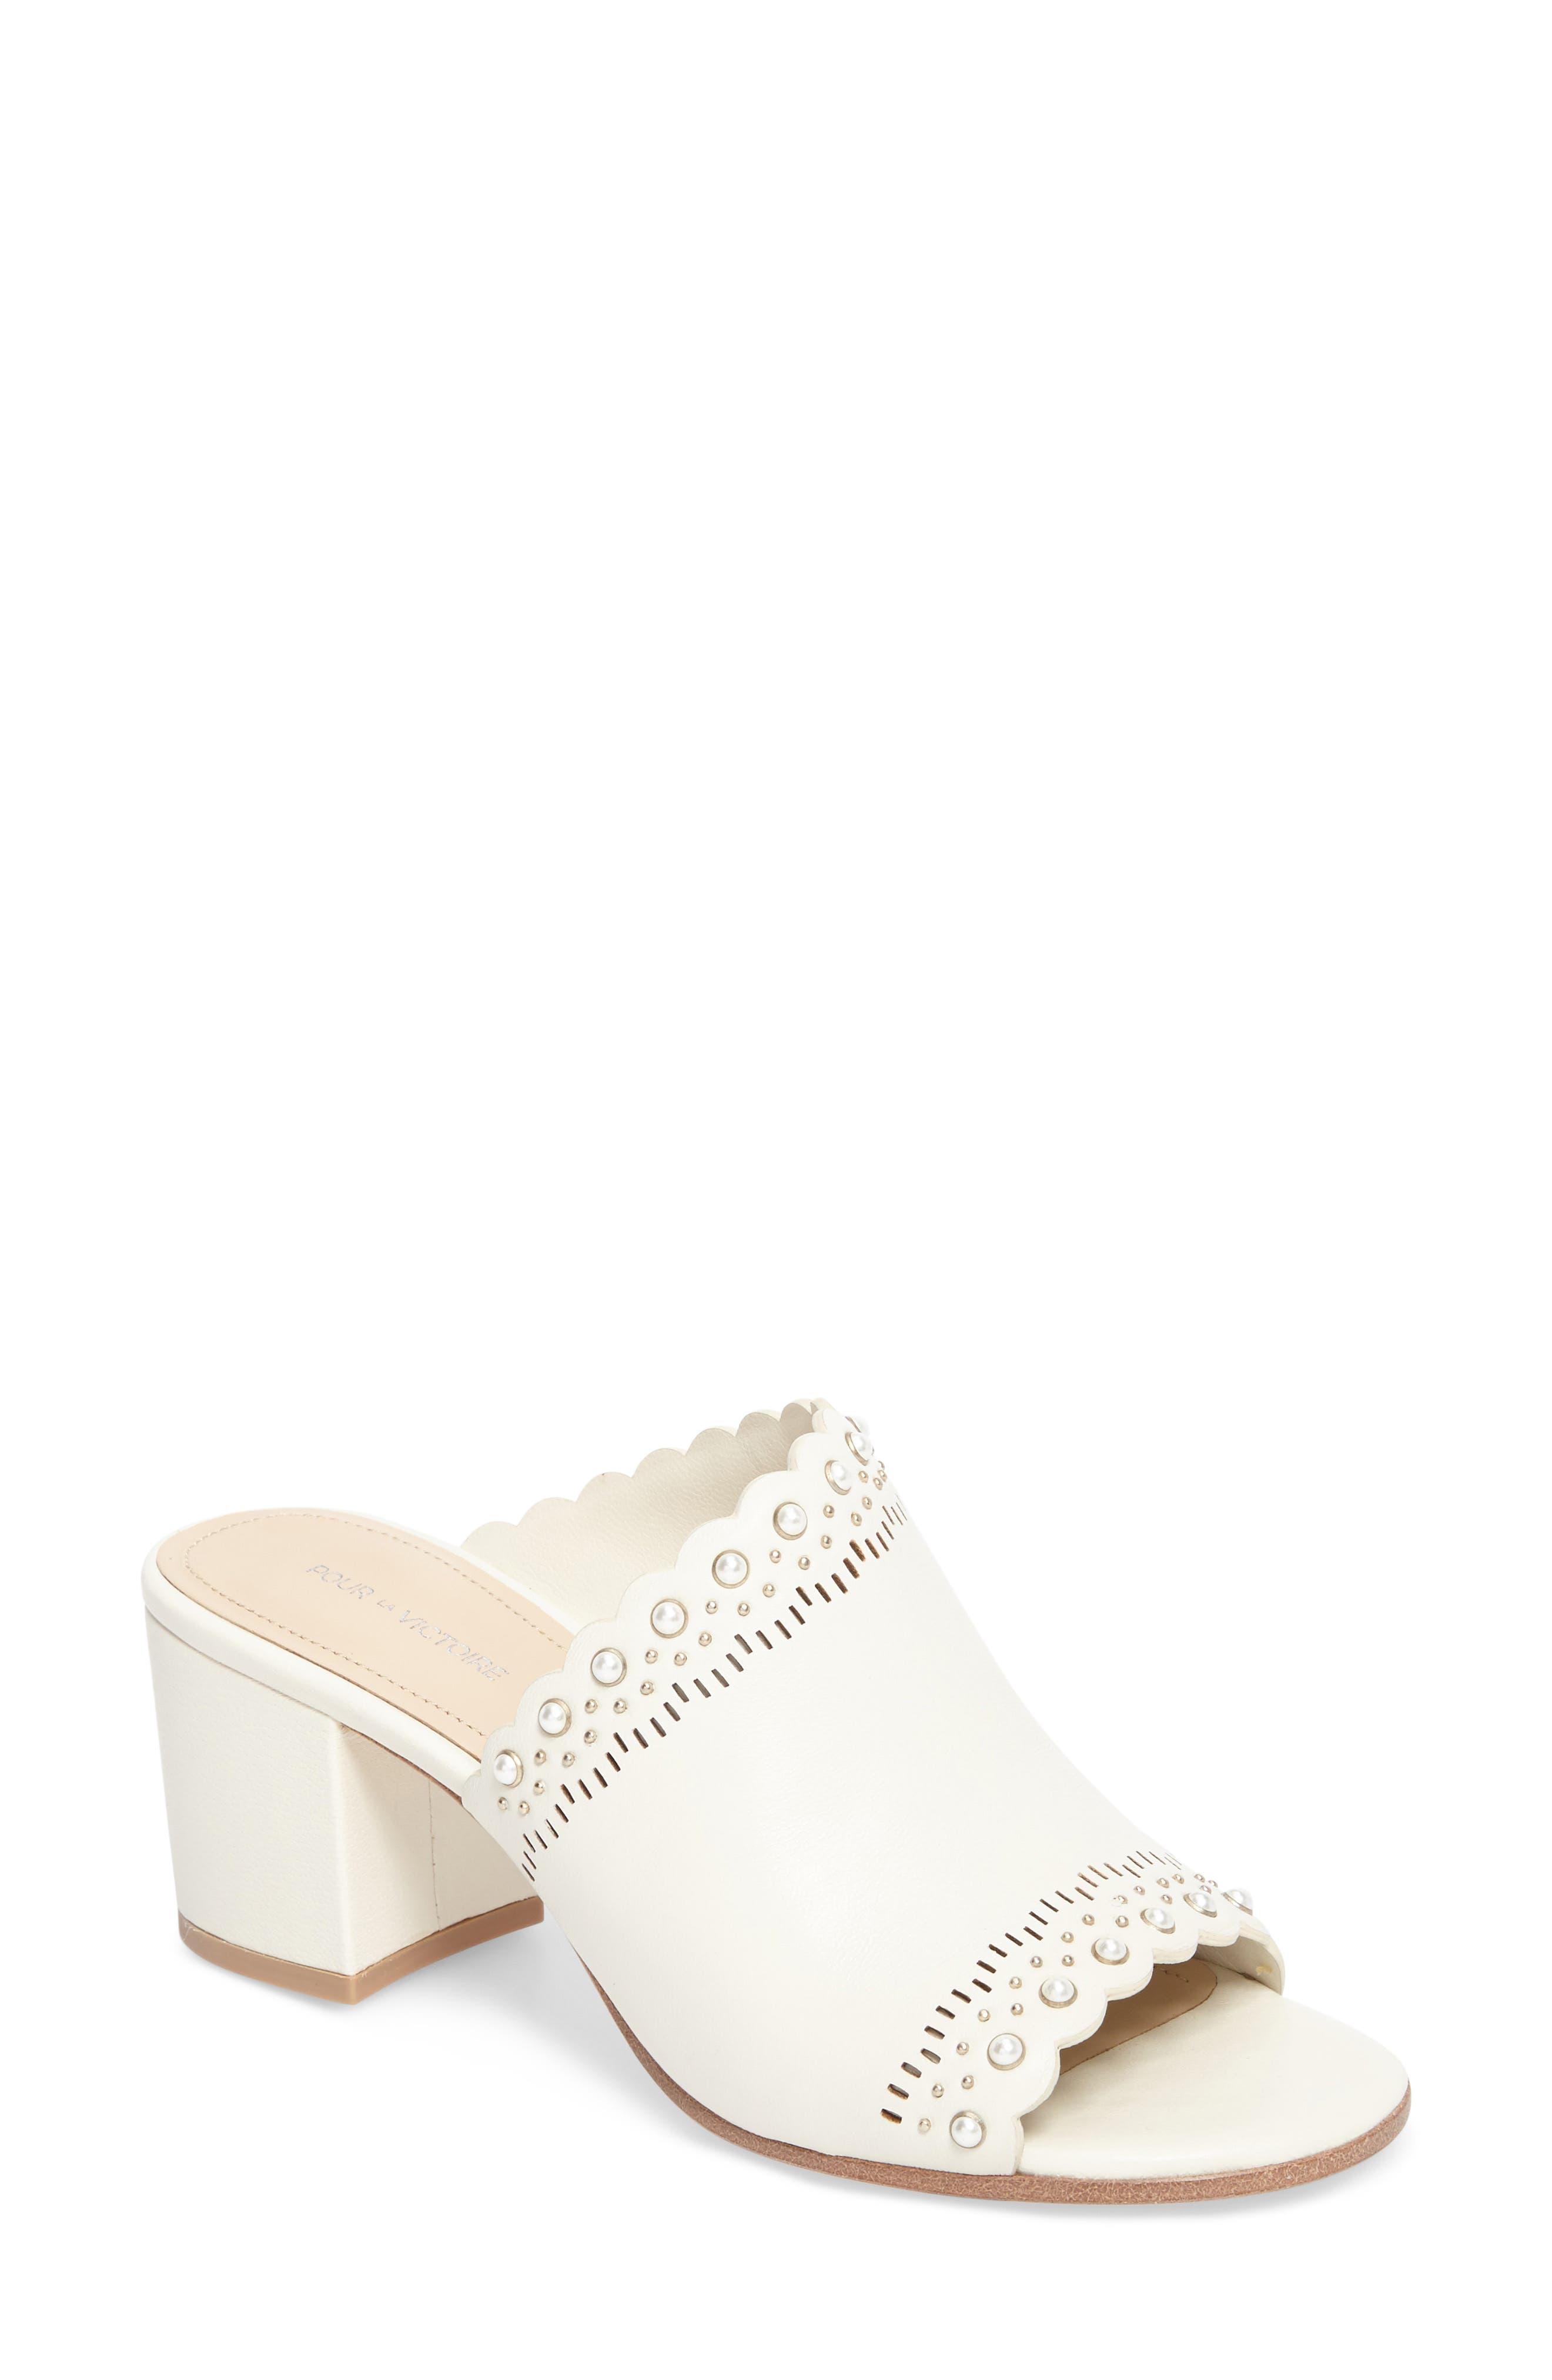 Amela Embellished Slide Sandal,                         Main,                         color, Bone Leather